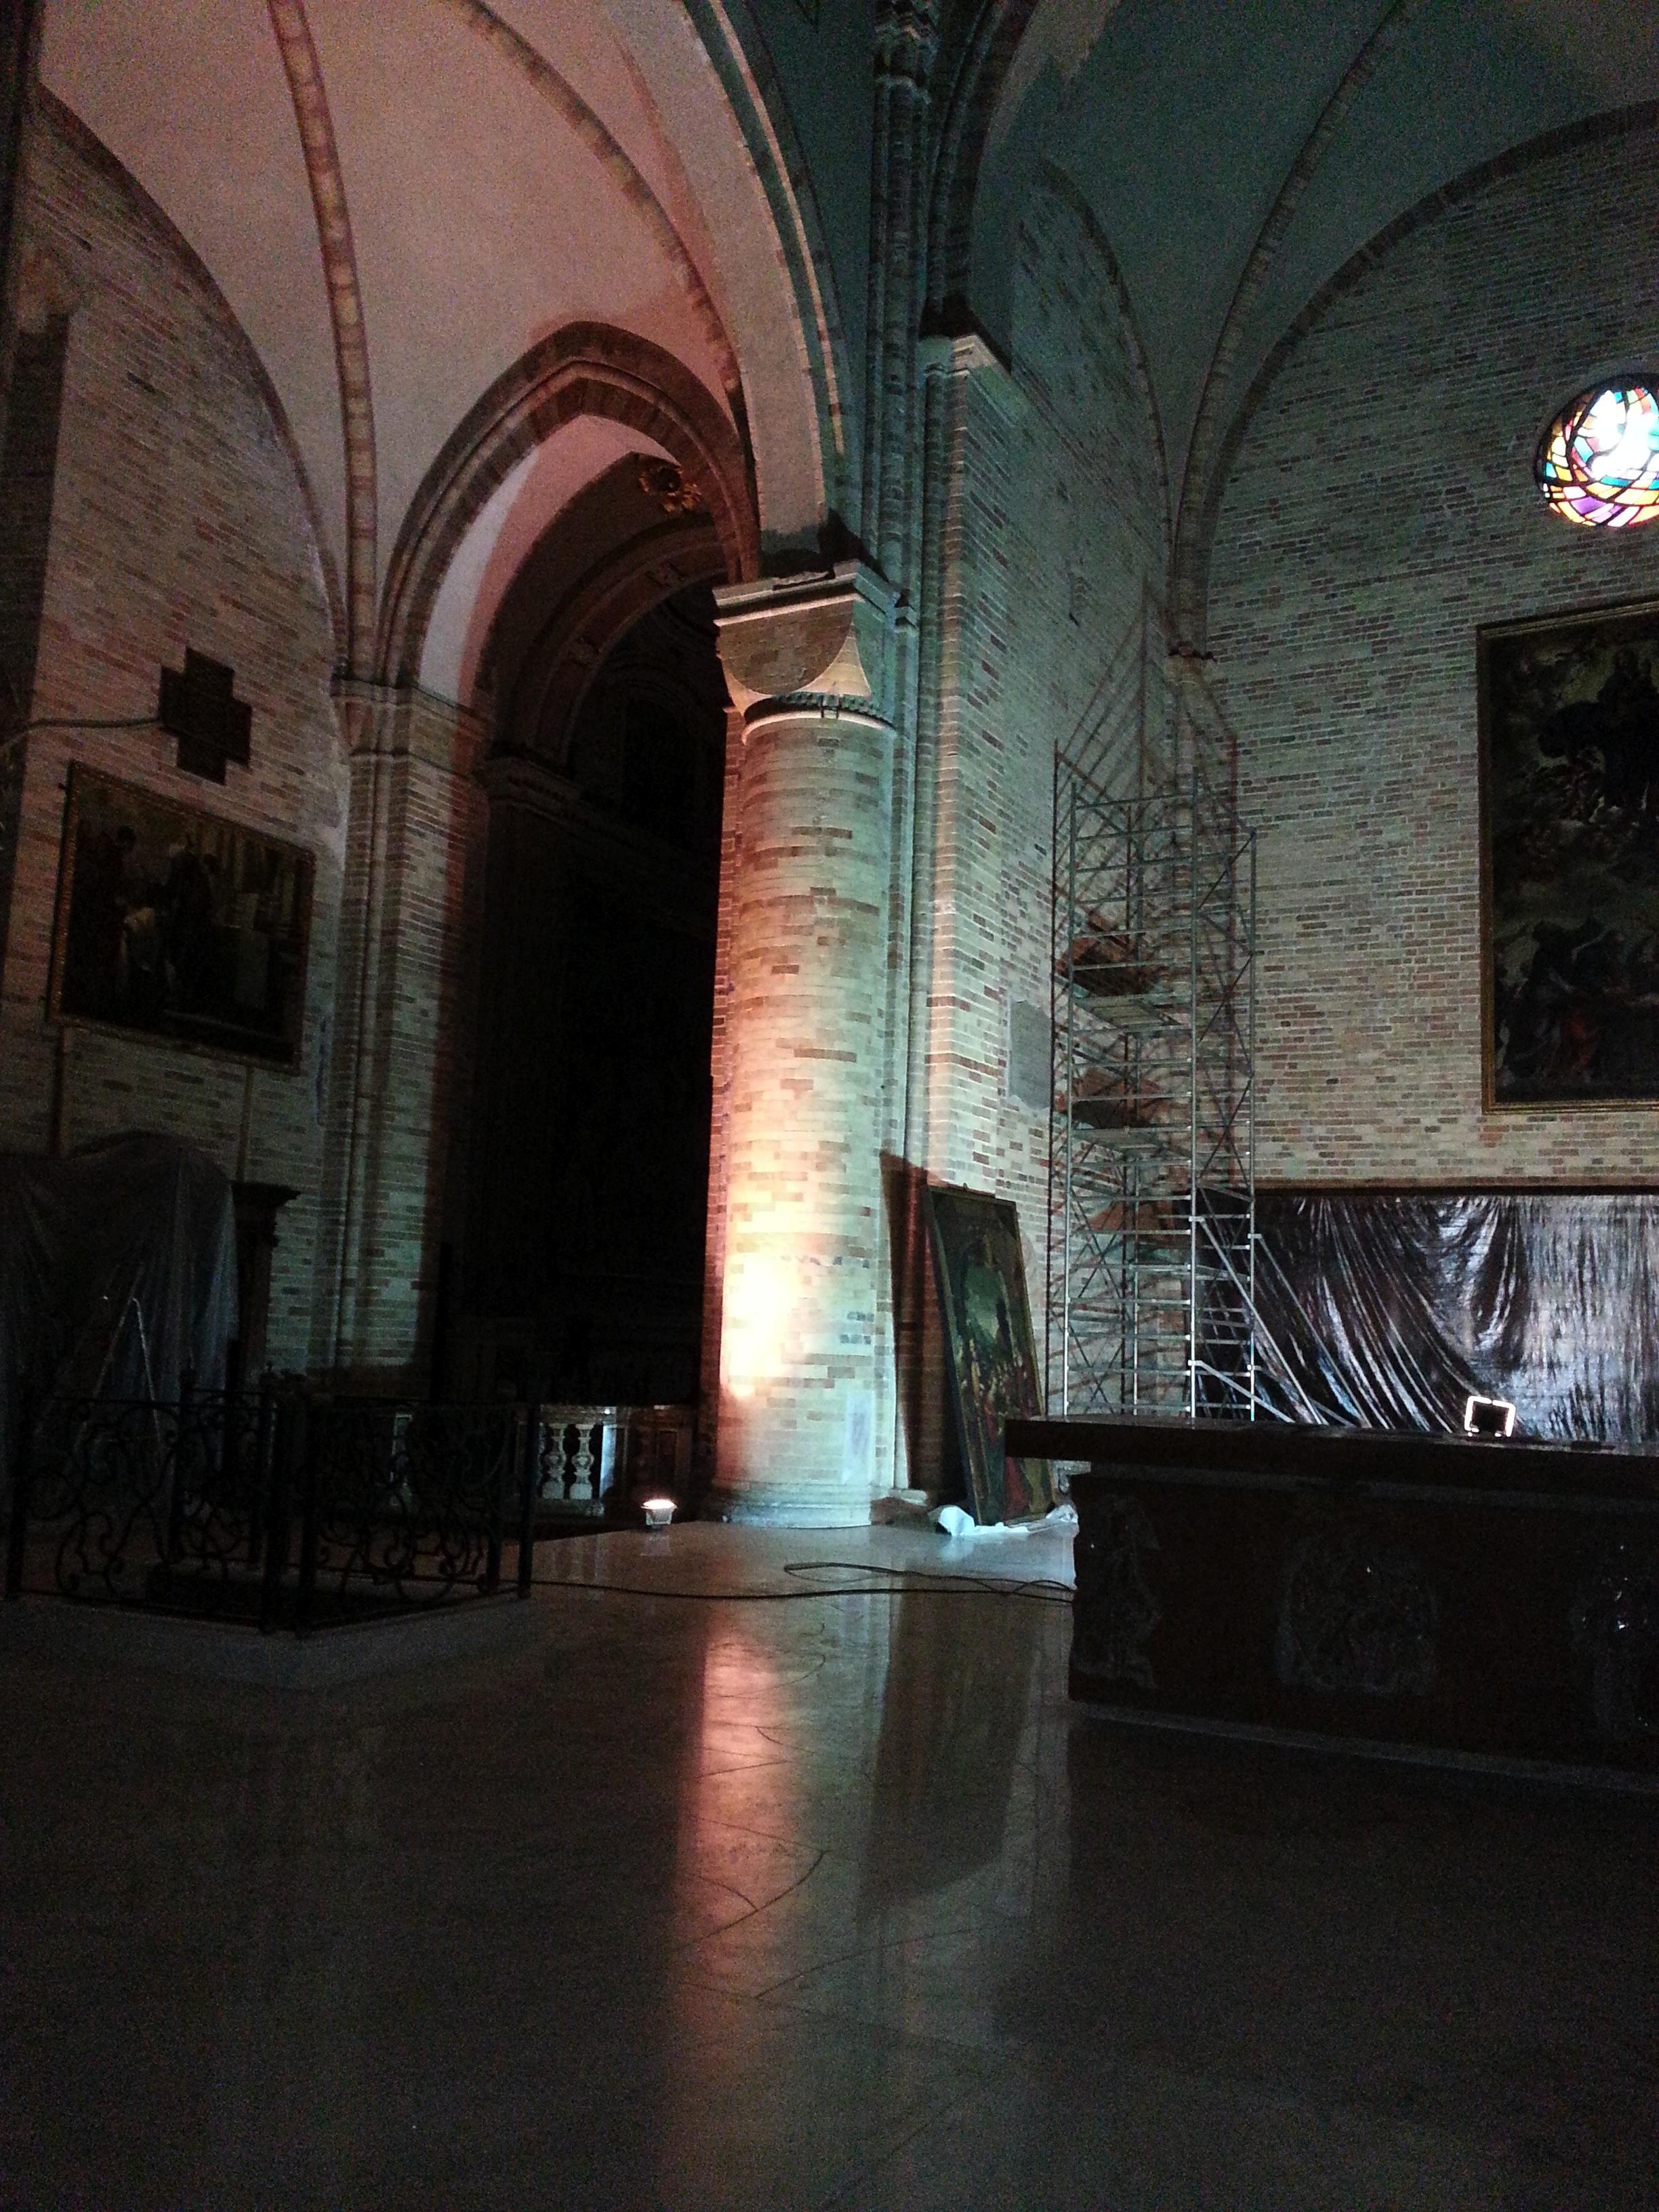 La zona del presbiterio restaurata e nobilitata dalla nuova pavimentazione in pietra. A sin. la cappella, ancora non illuminata, dove si conserva il Cristo crocifisso.